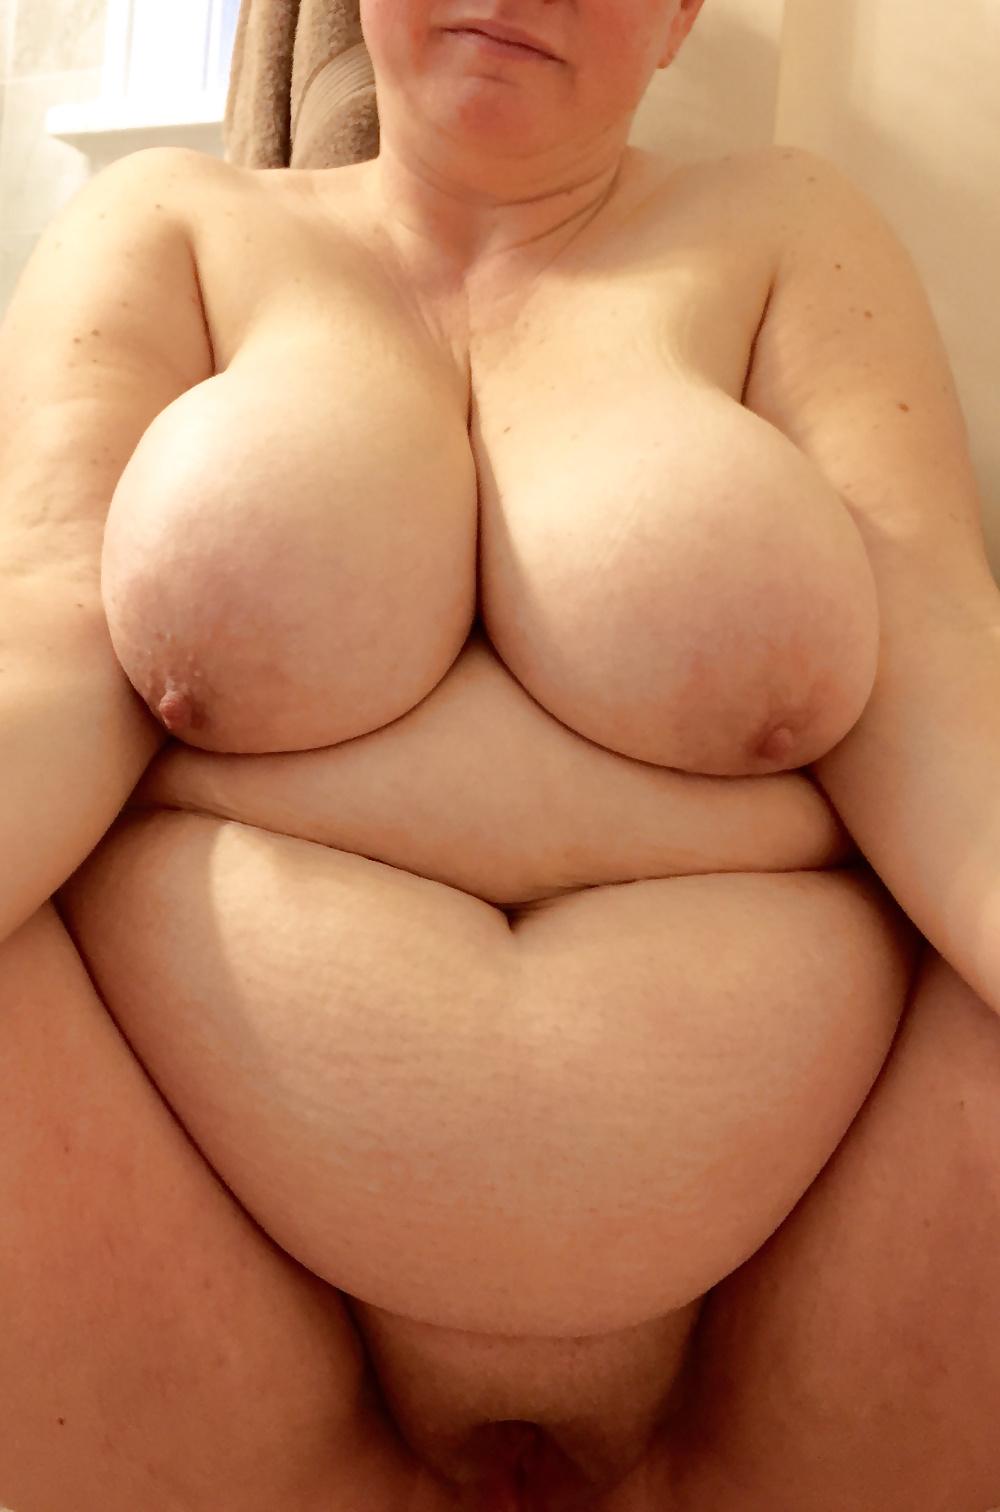 Schwülstige Nutten zeigen ihren riesengroßen Körper dickhäutig. - Bild 7